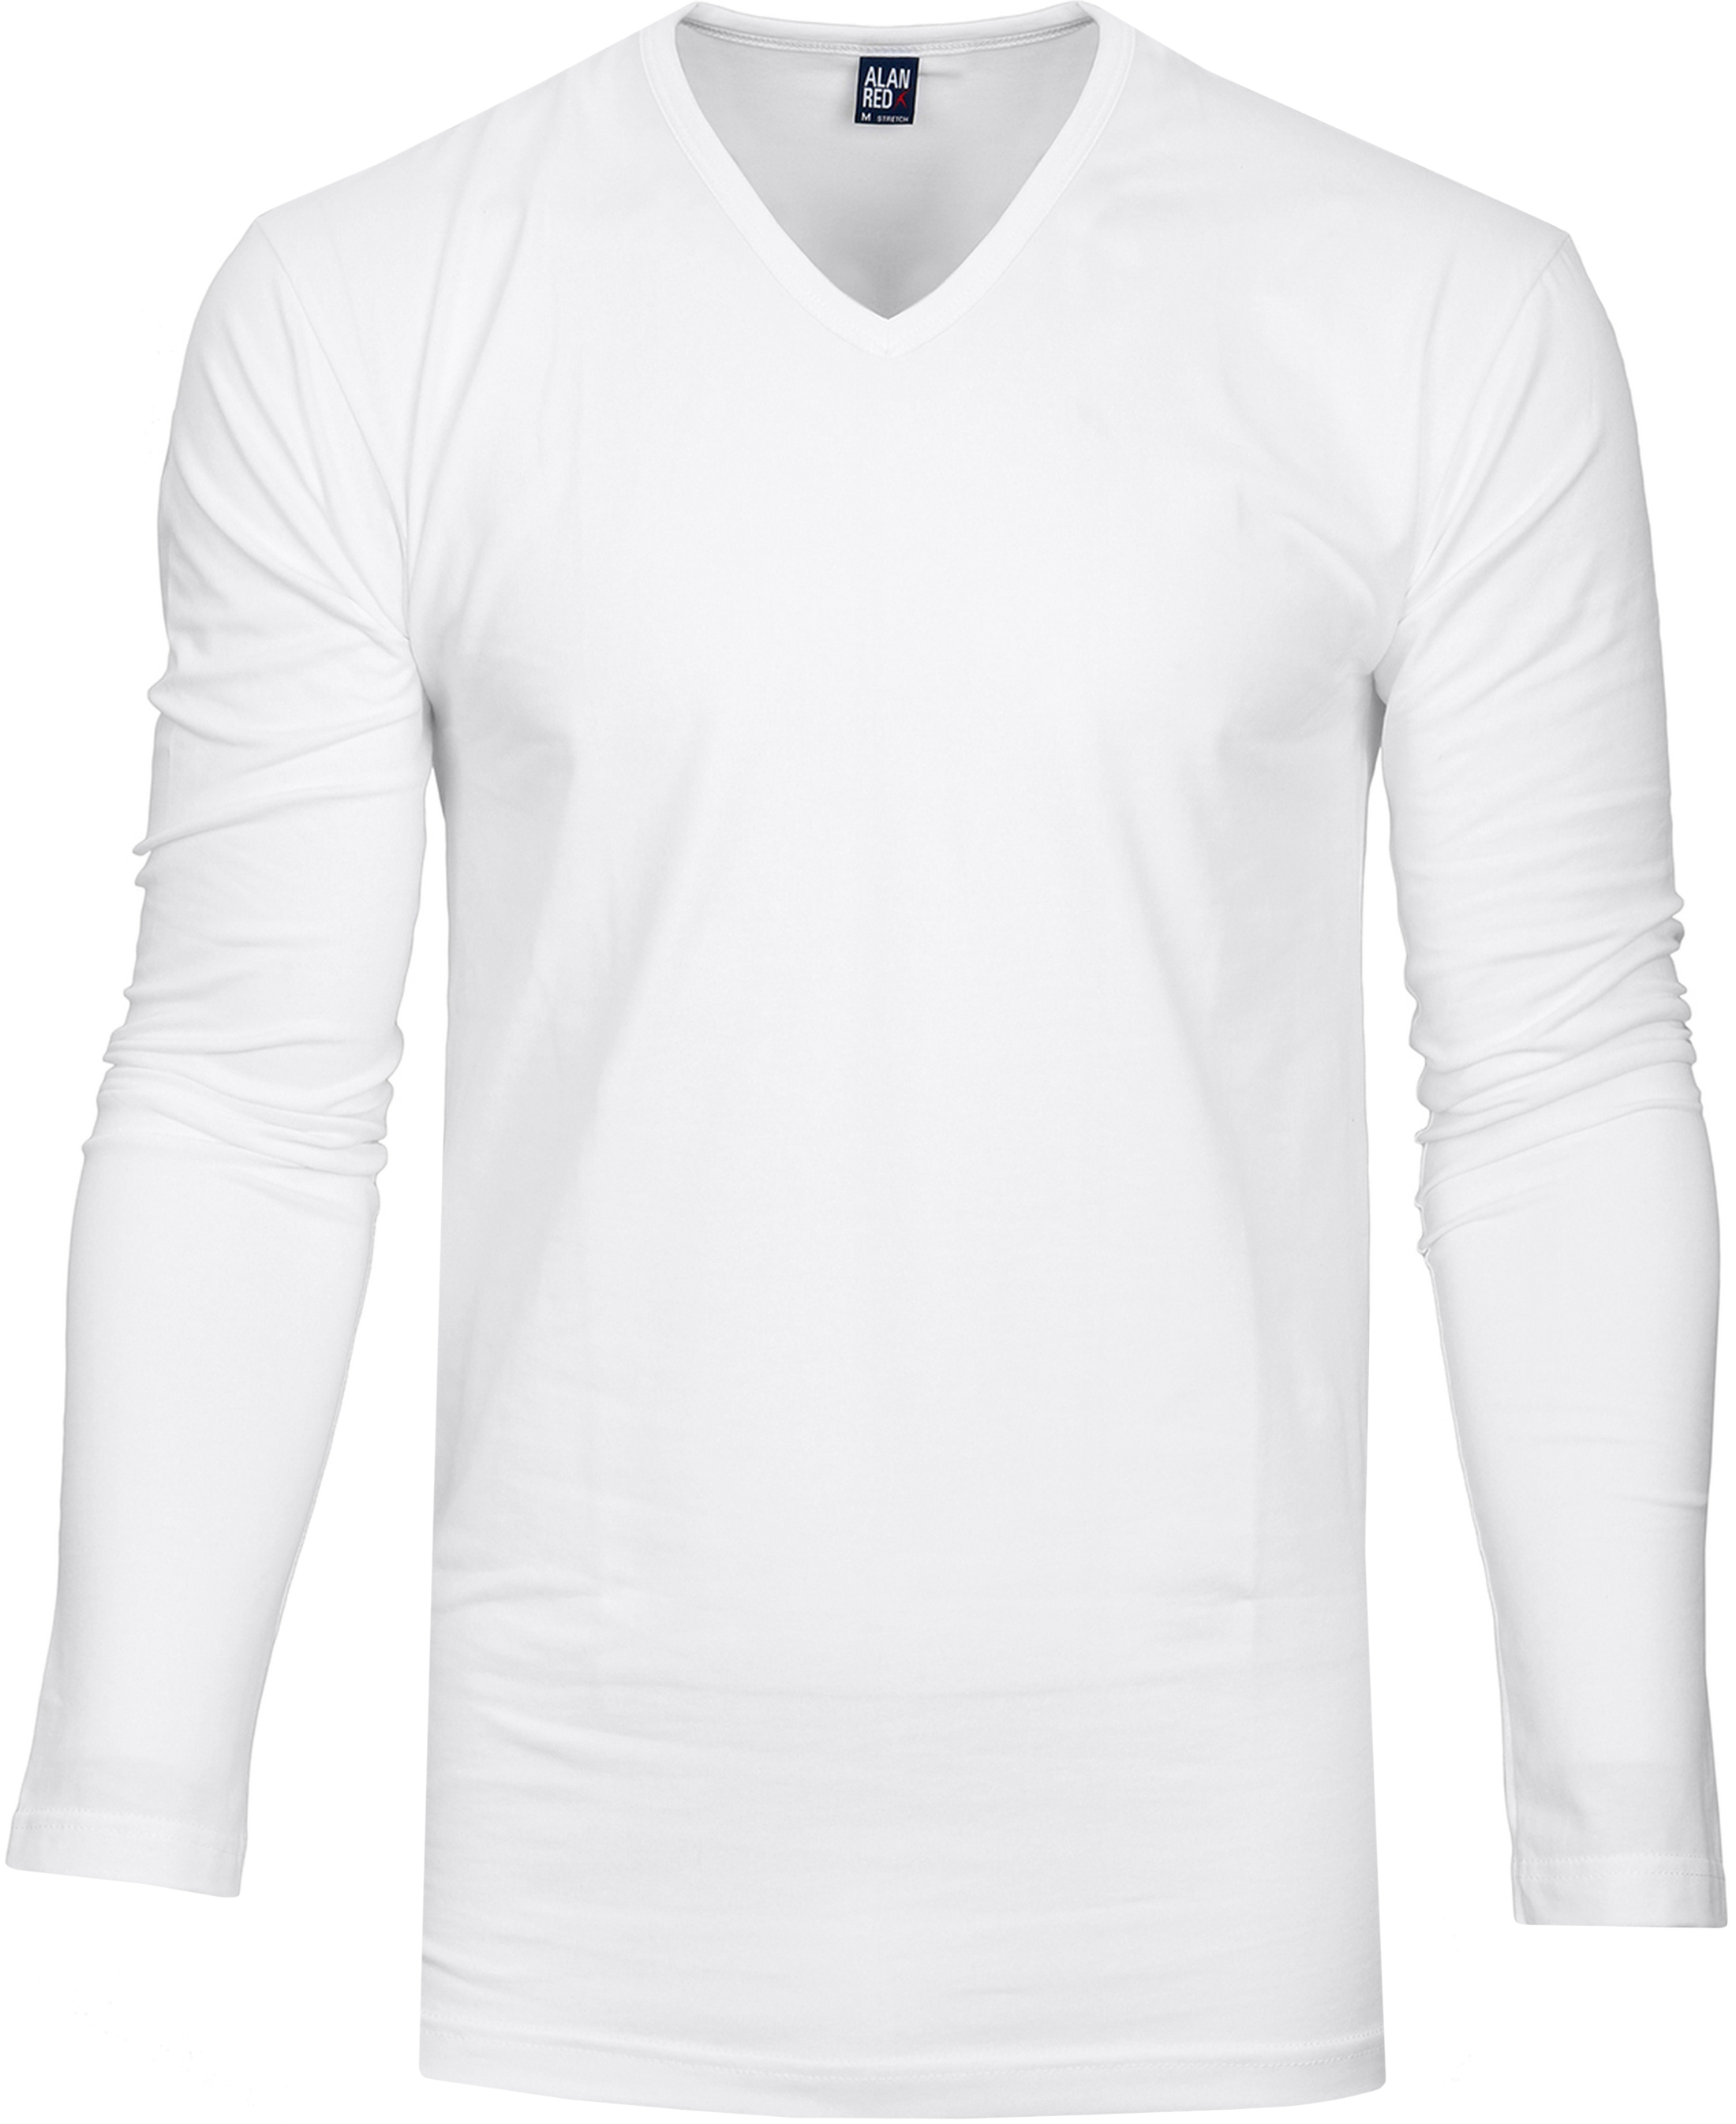 Alan Red T-shirt Oslo V-Ausschnitt Longsleeve